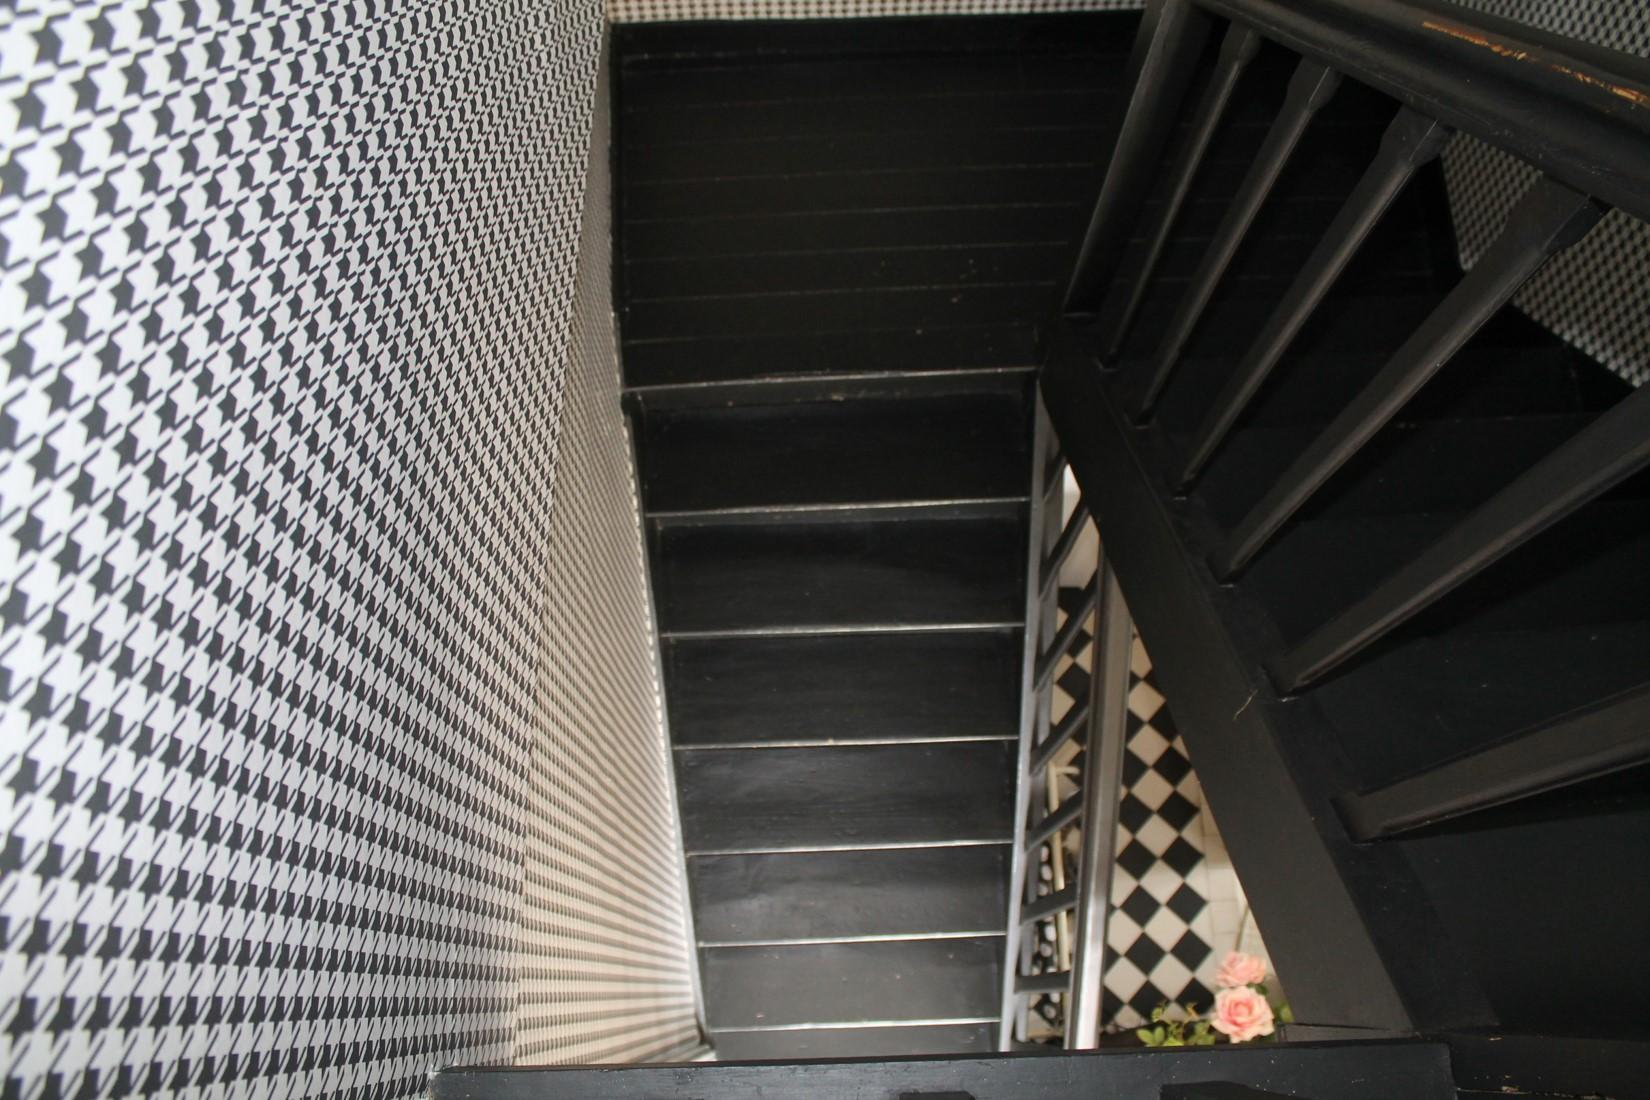 escalier noir papier peint pied de poule sol carreaux de ciment maison quinze